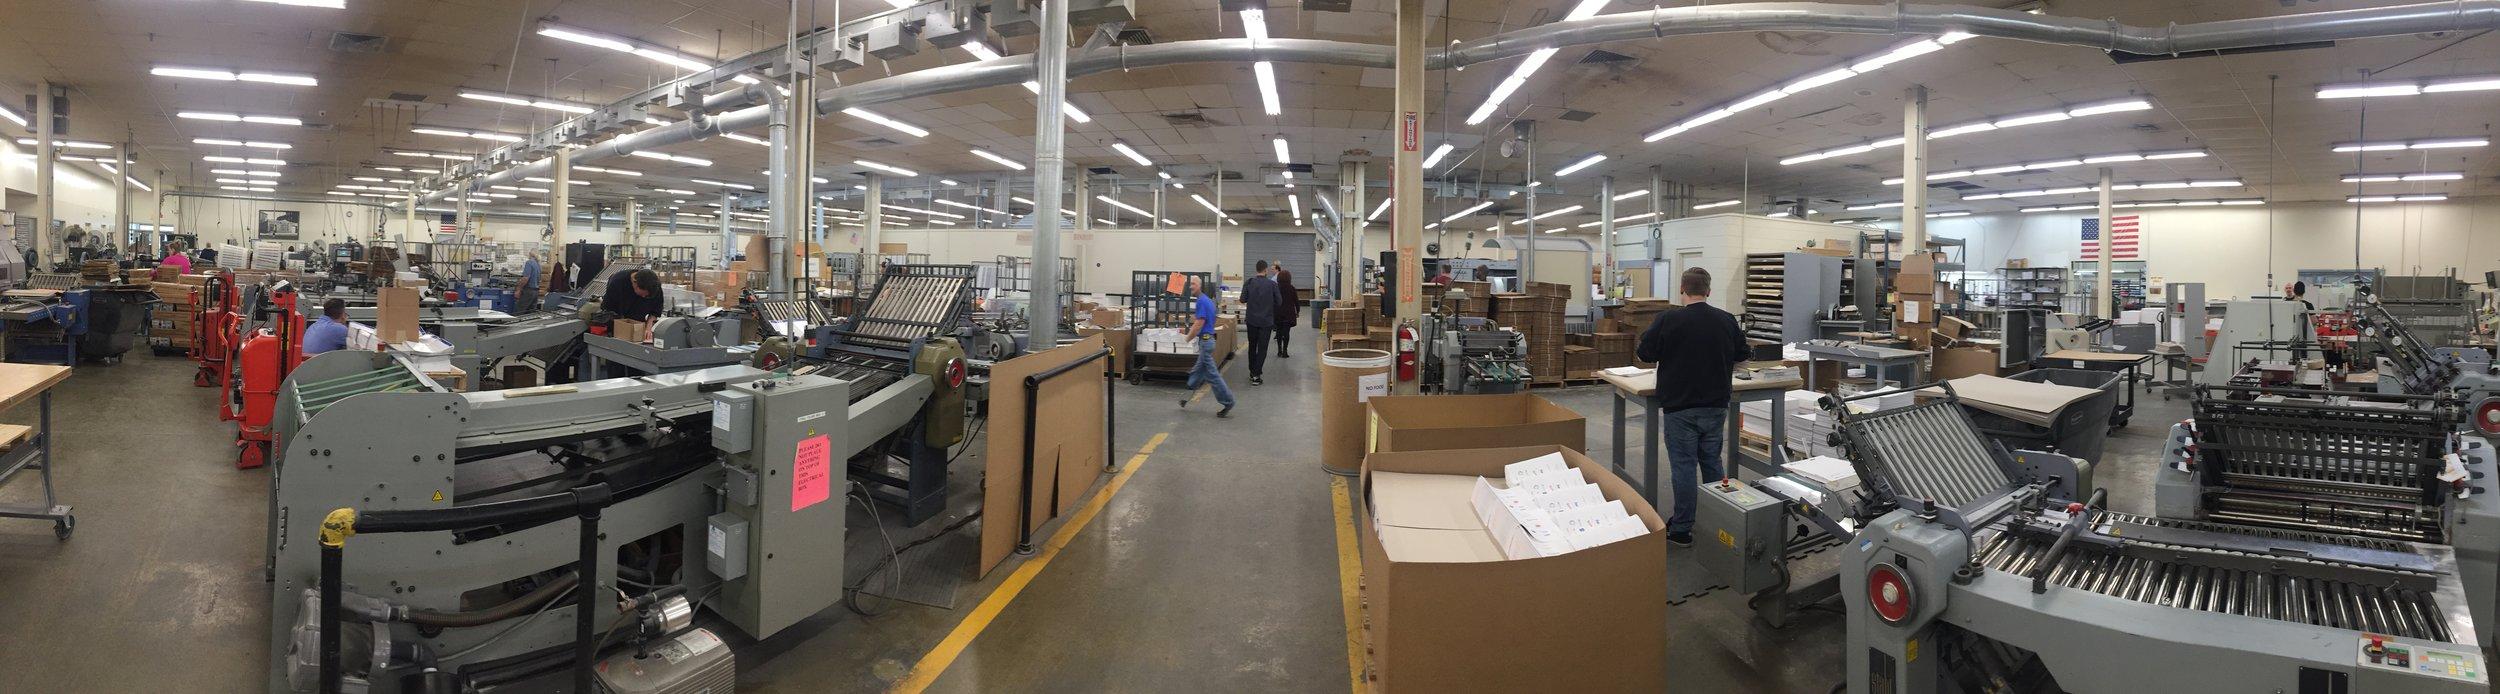 The Factory Floor!